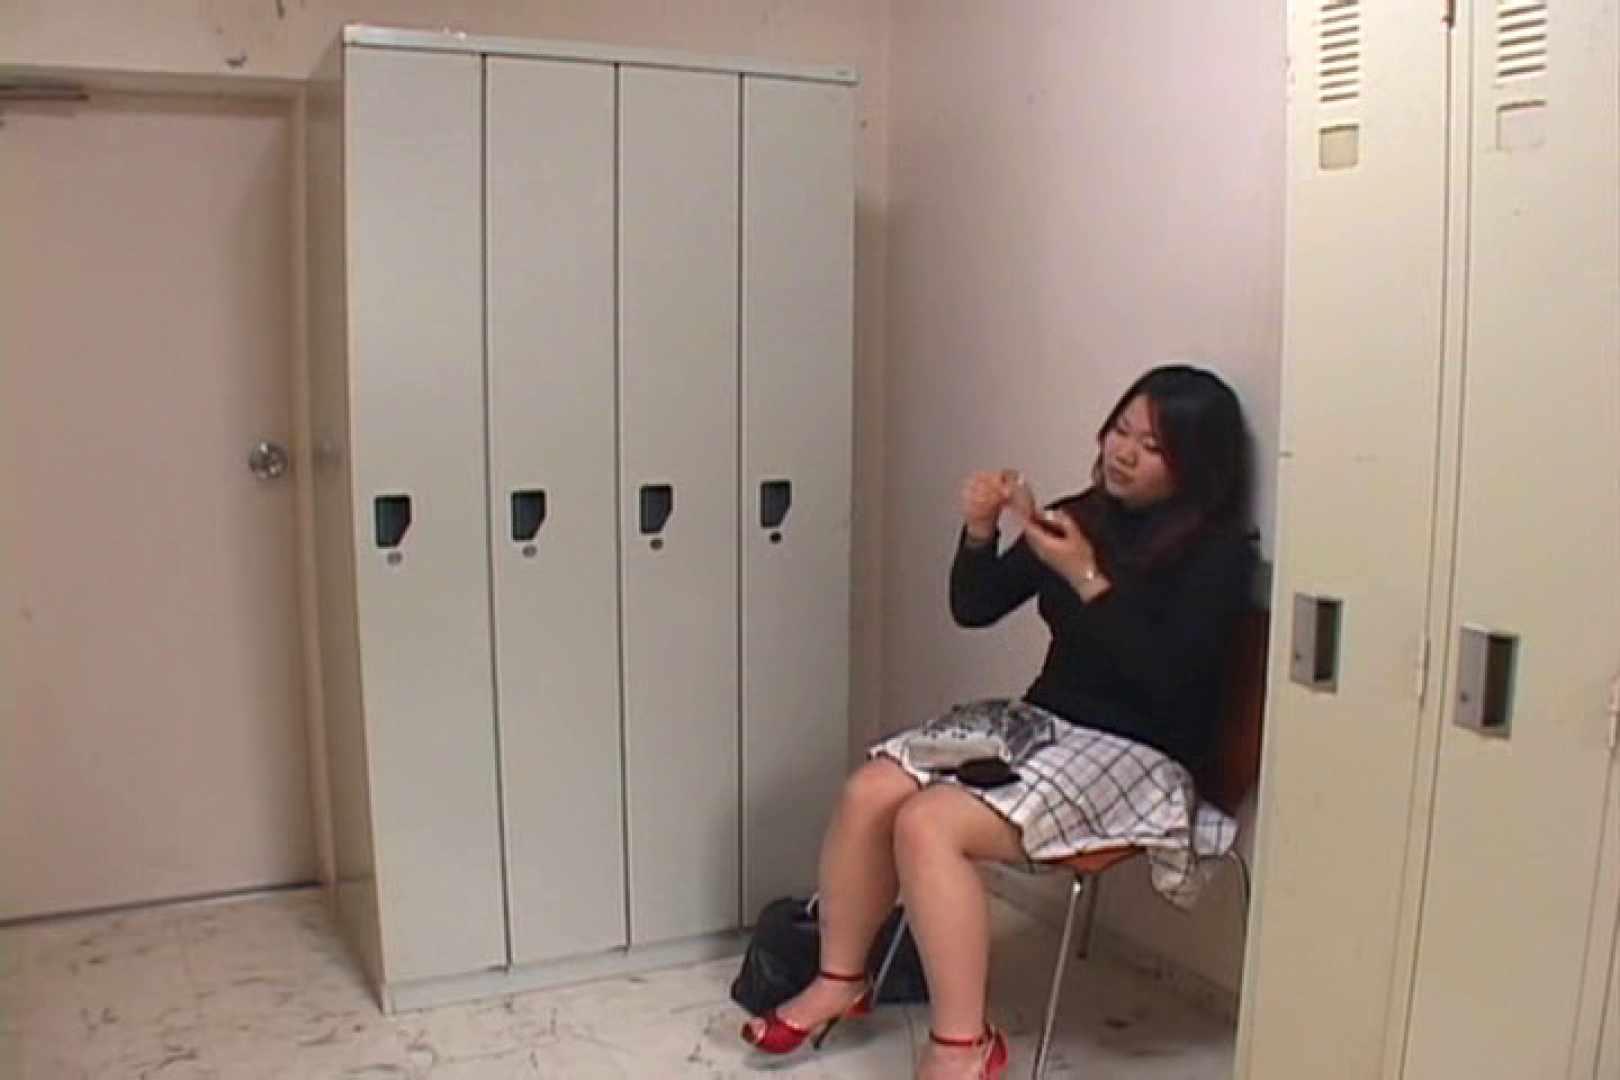 キャバ嬢舞台裏Vol.5 キャバ嬢の実態 オマンコ無修正動画無料 76pic 34